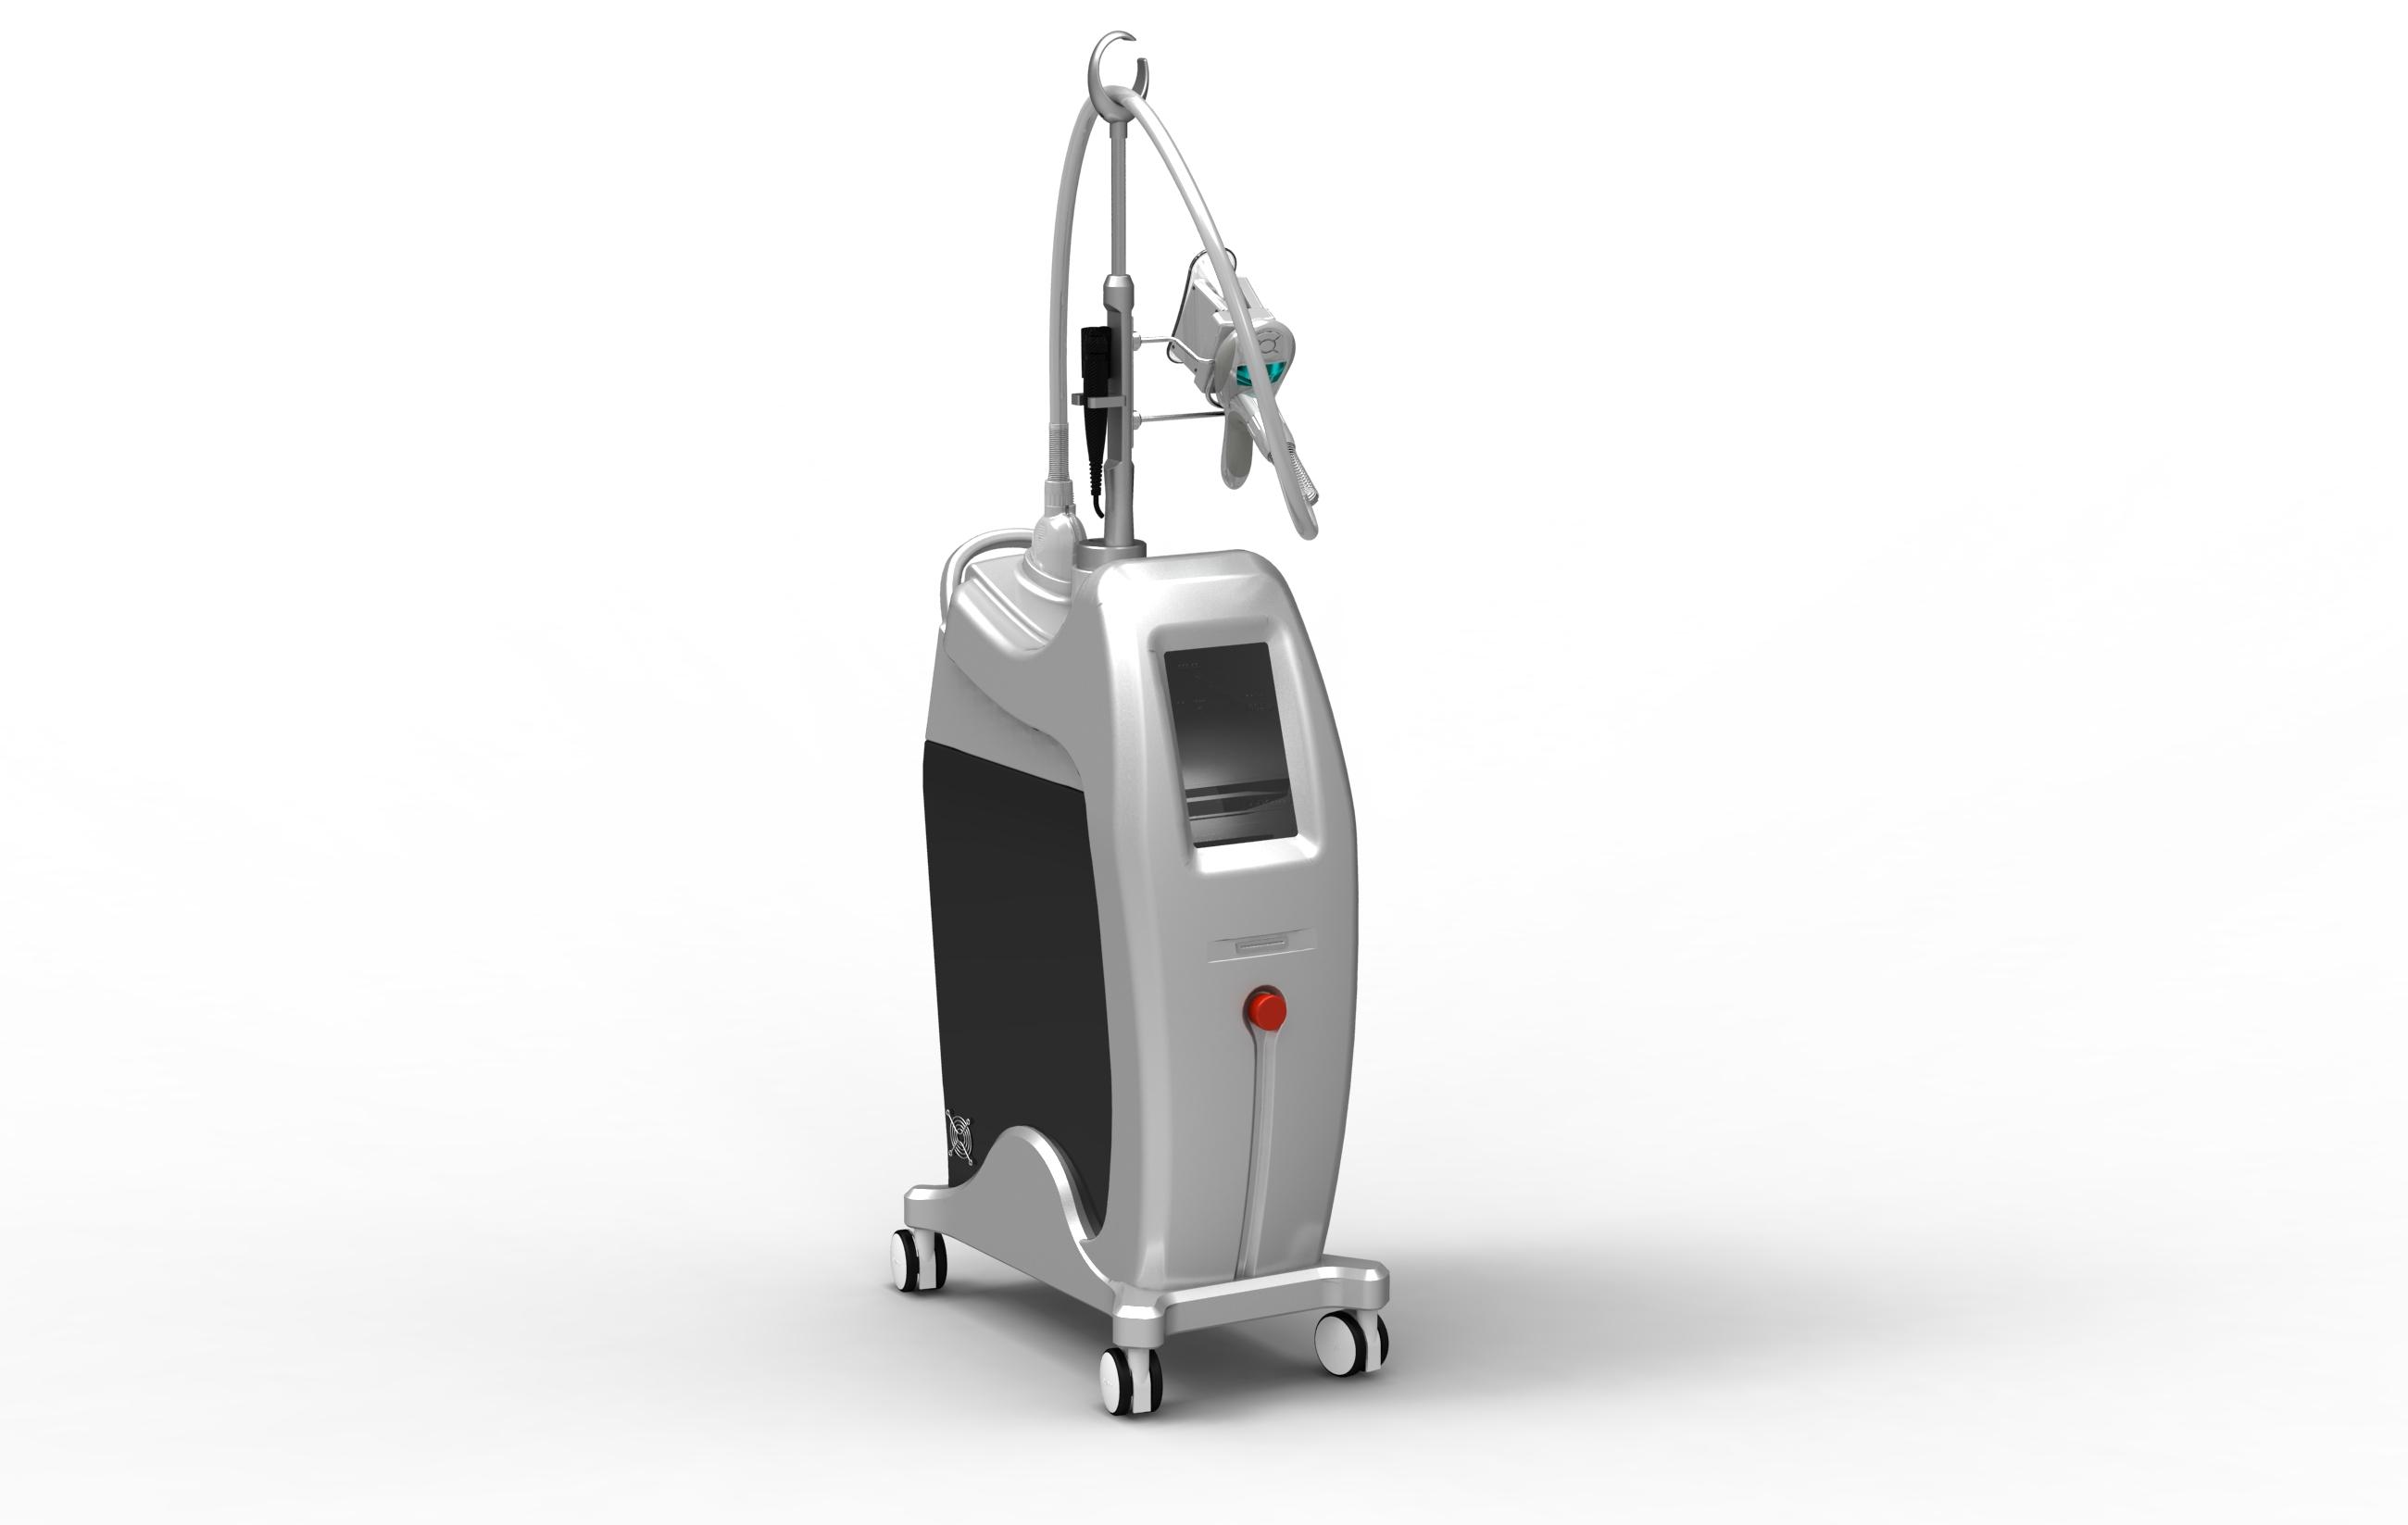 bästa cryolipolysis Lipo Laser fettfrysning - spräng bort fettceler